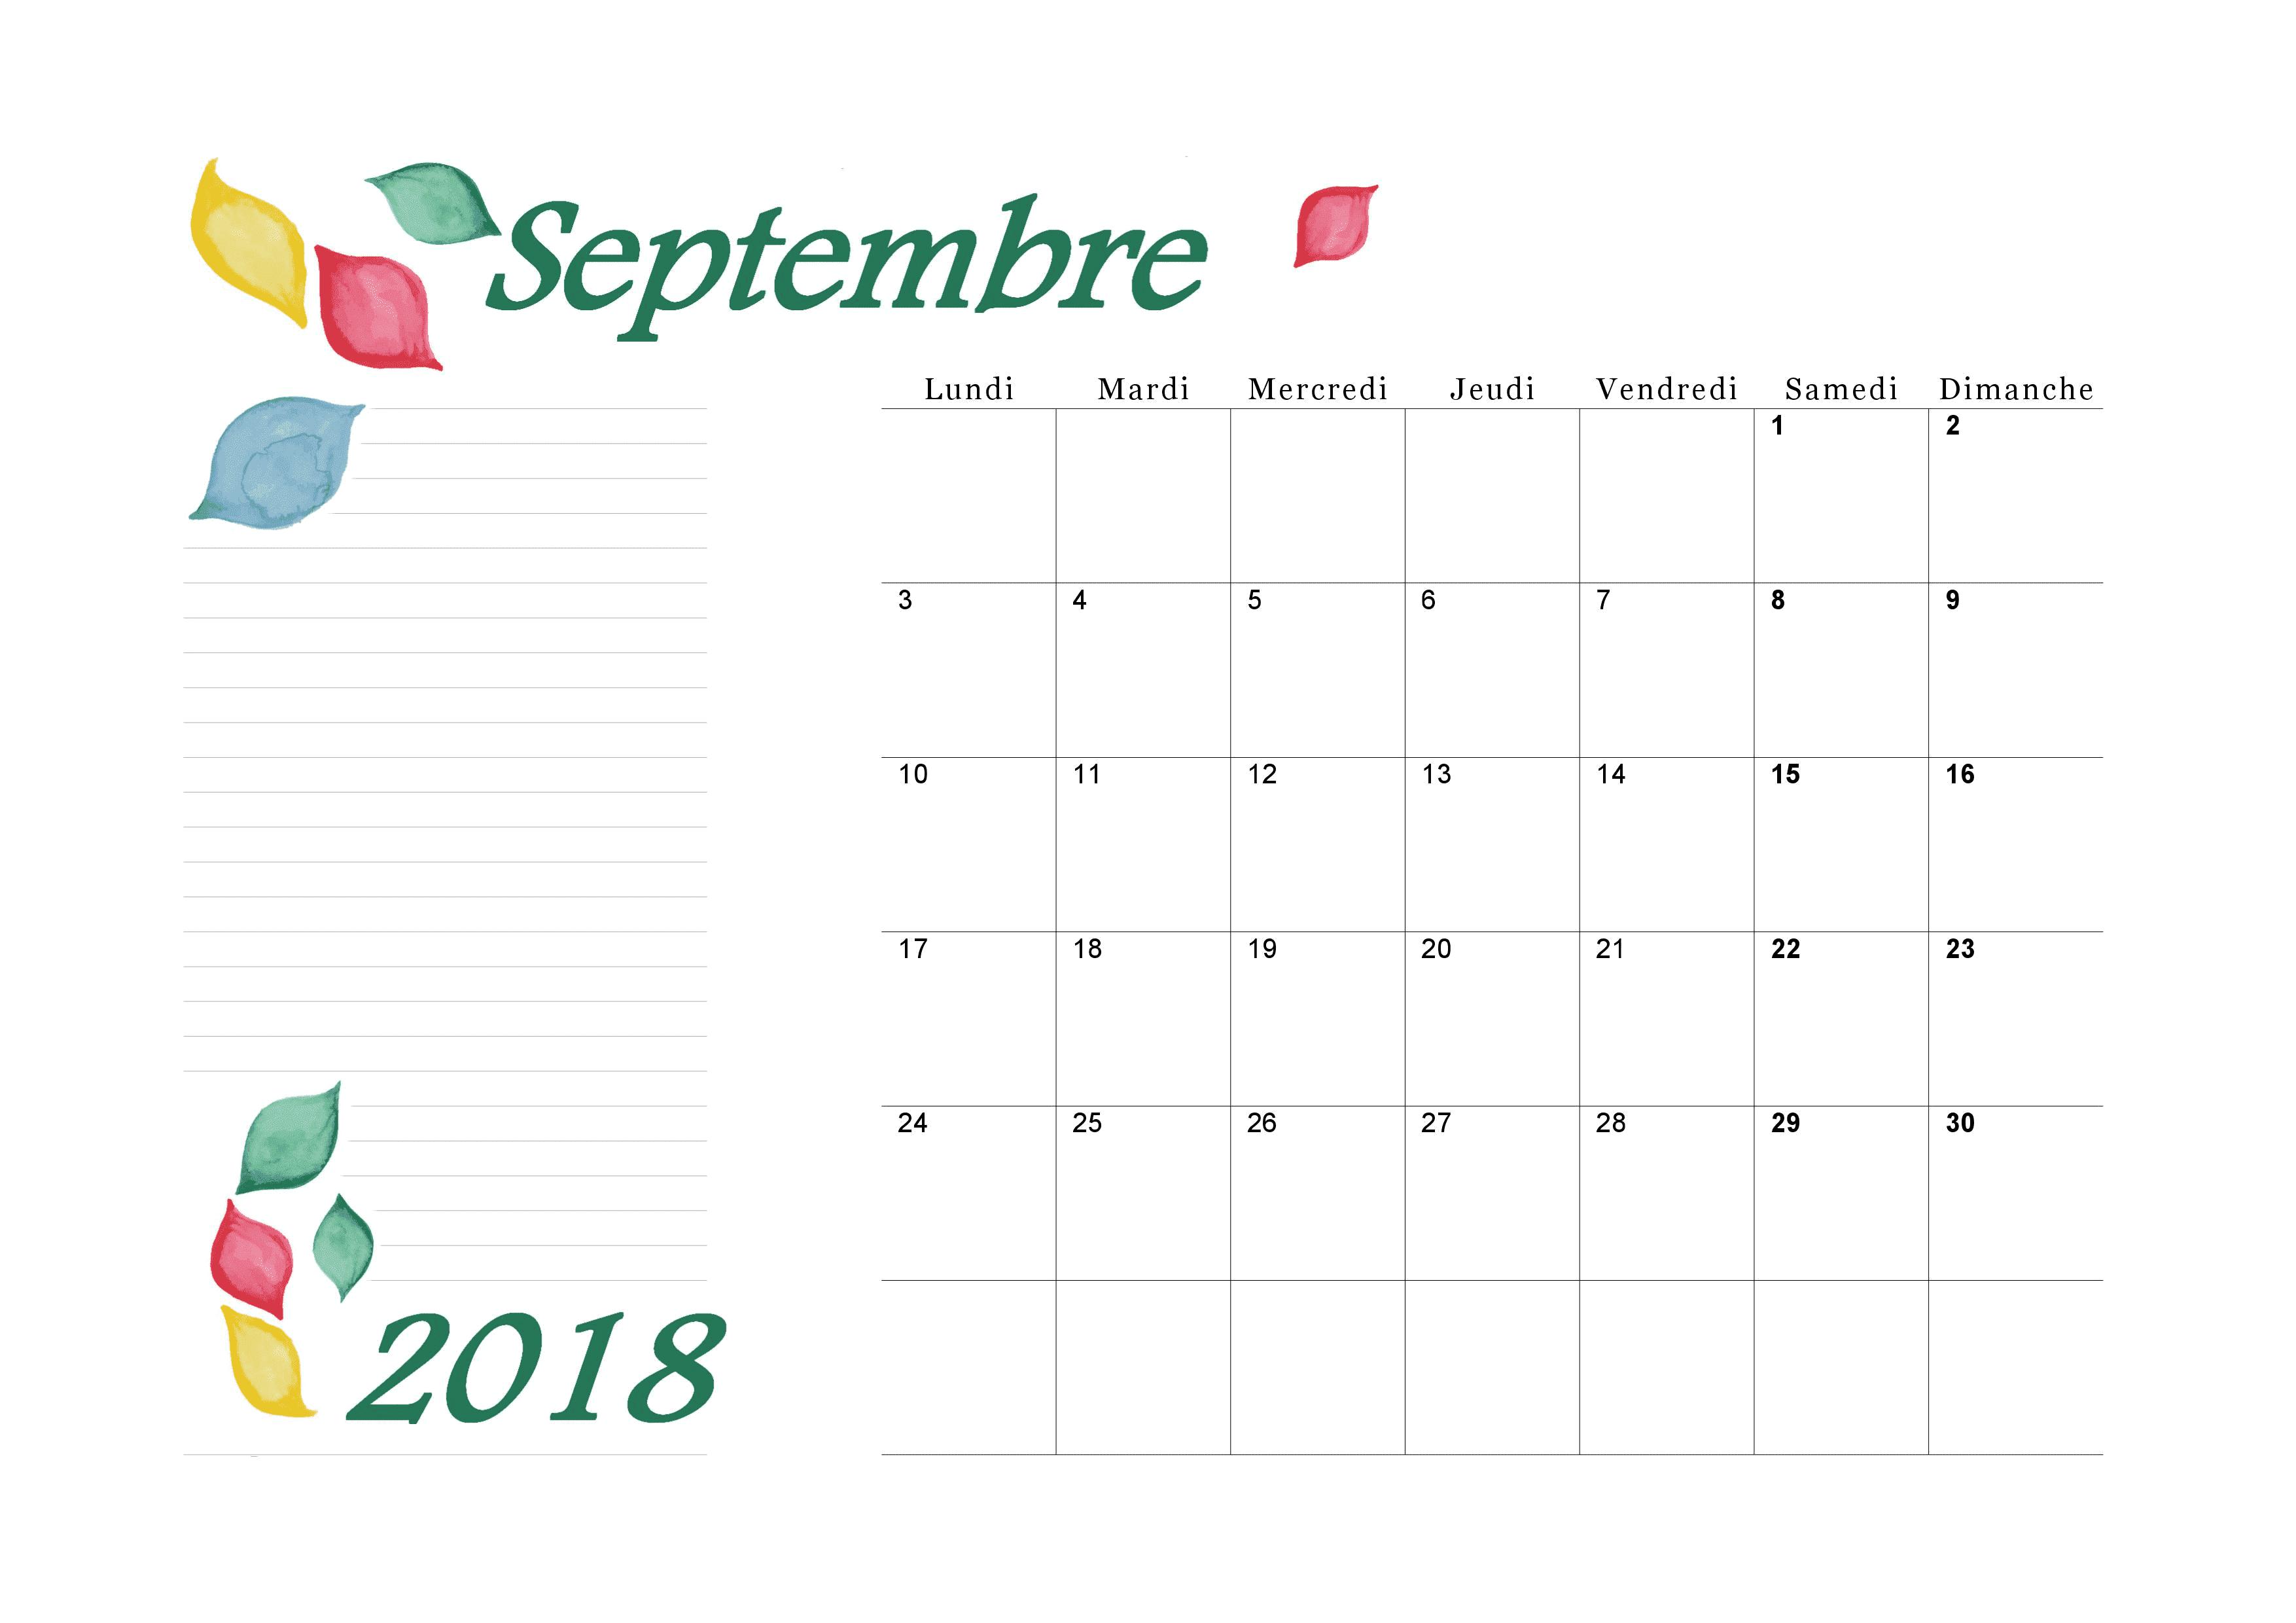 Calendrier Septembre 2018 Paysage Design Aquarelle